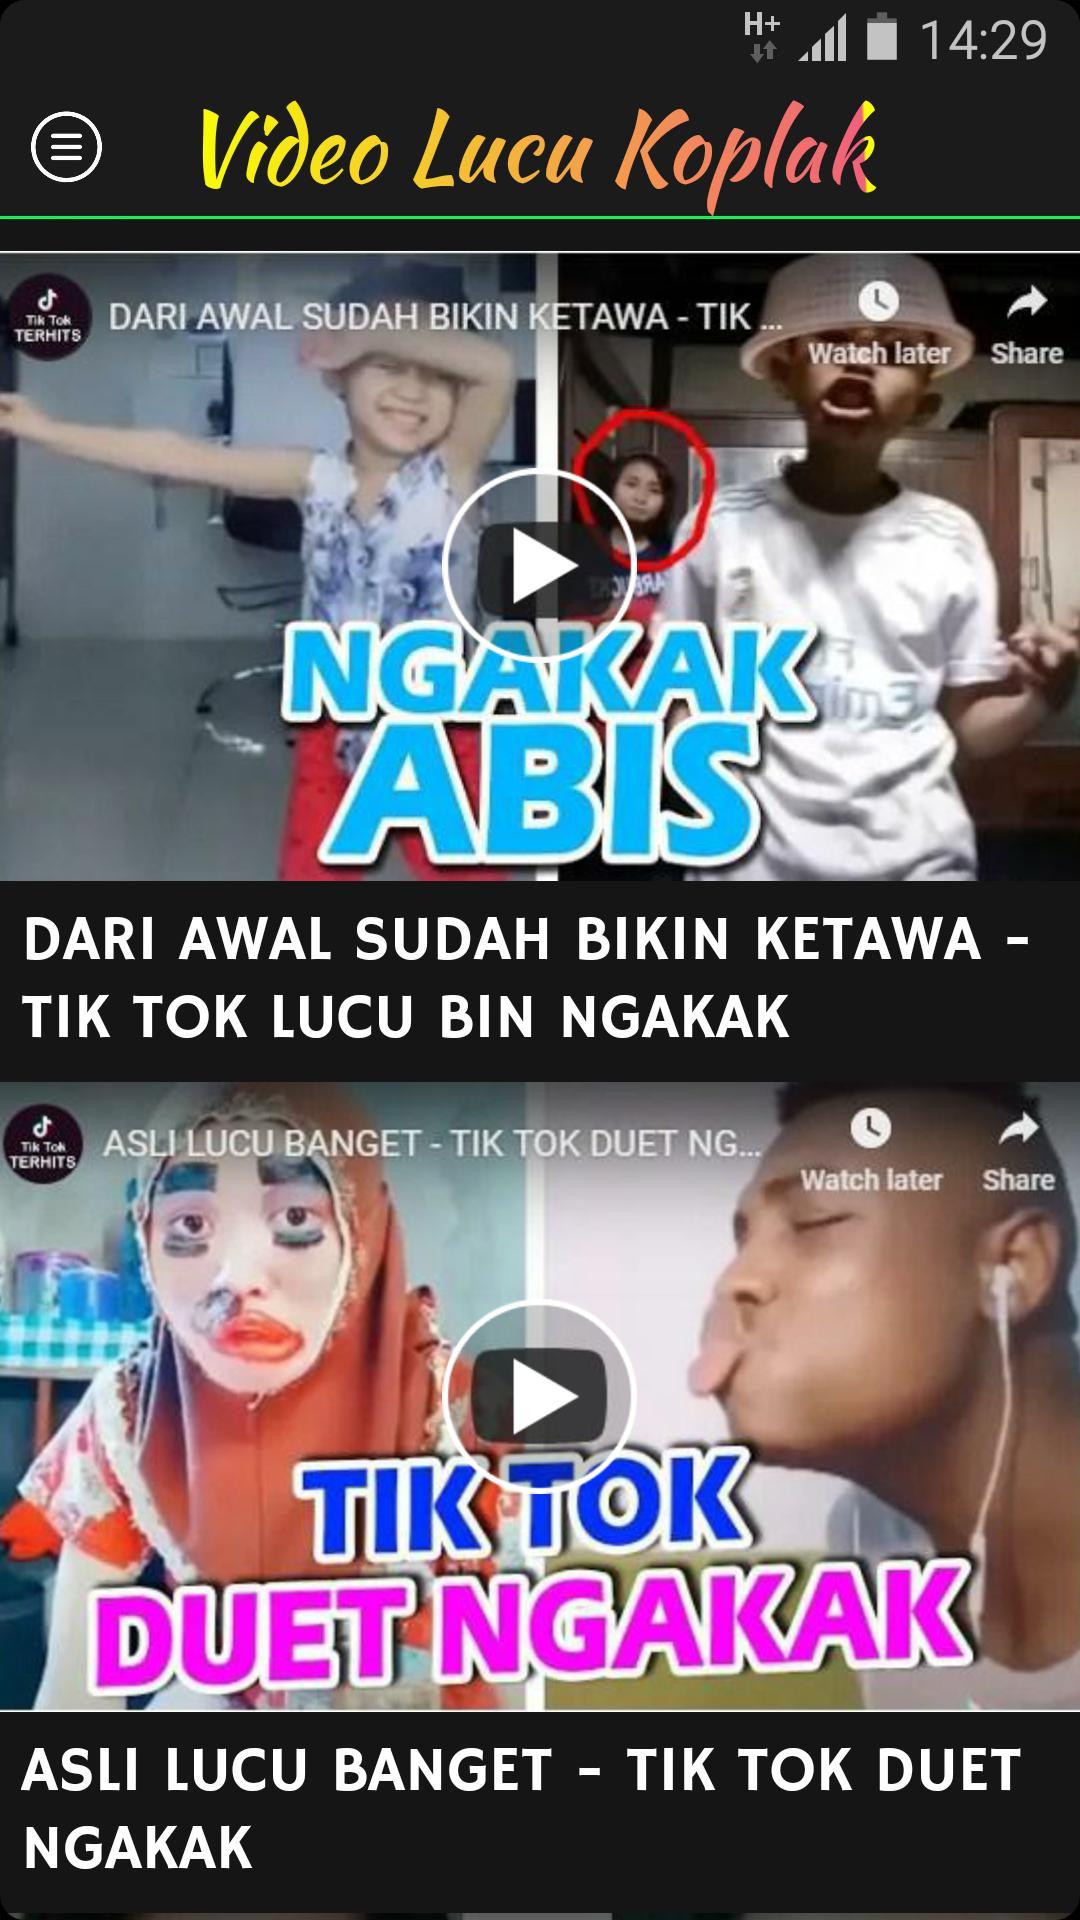 Video Tik Tok Lucu Koplak For Android Apk Download